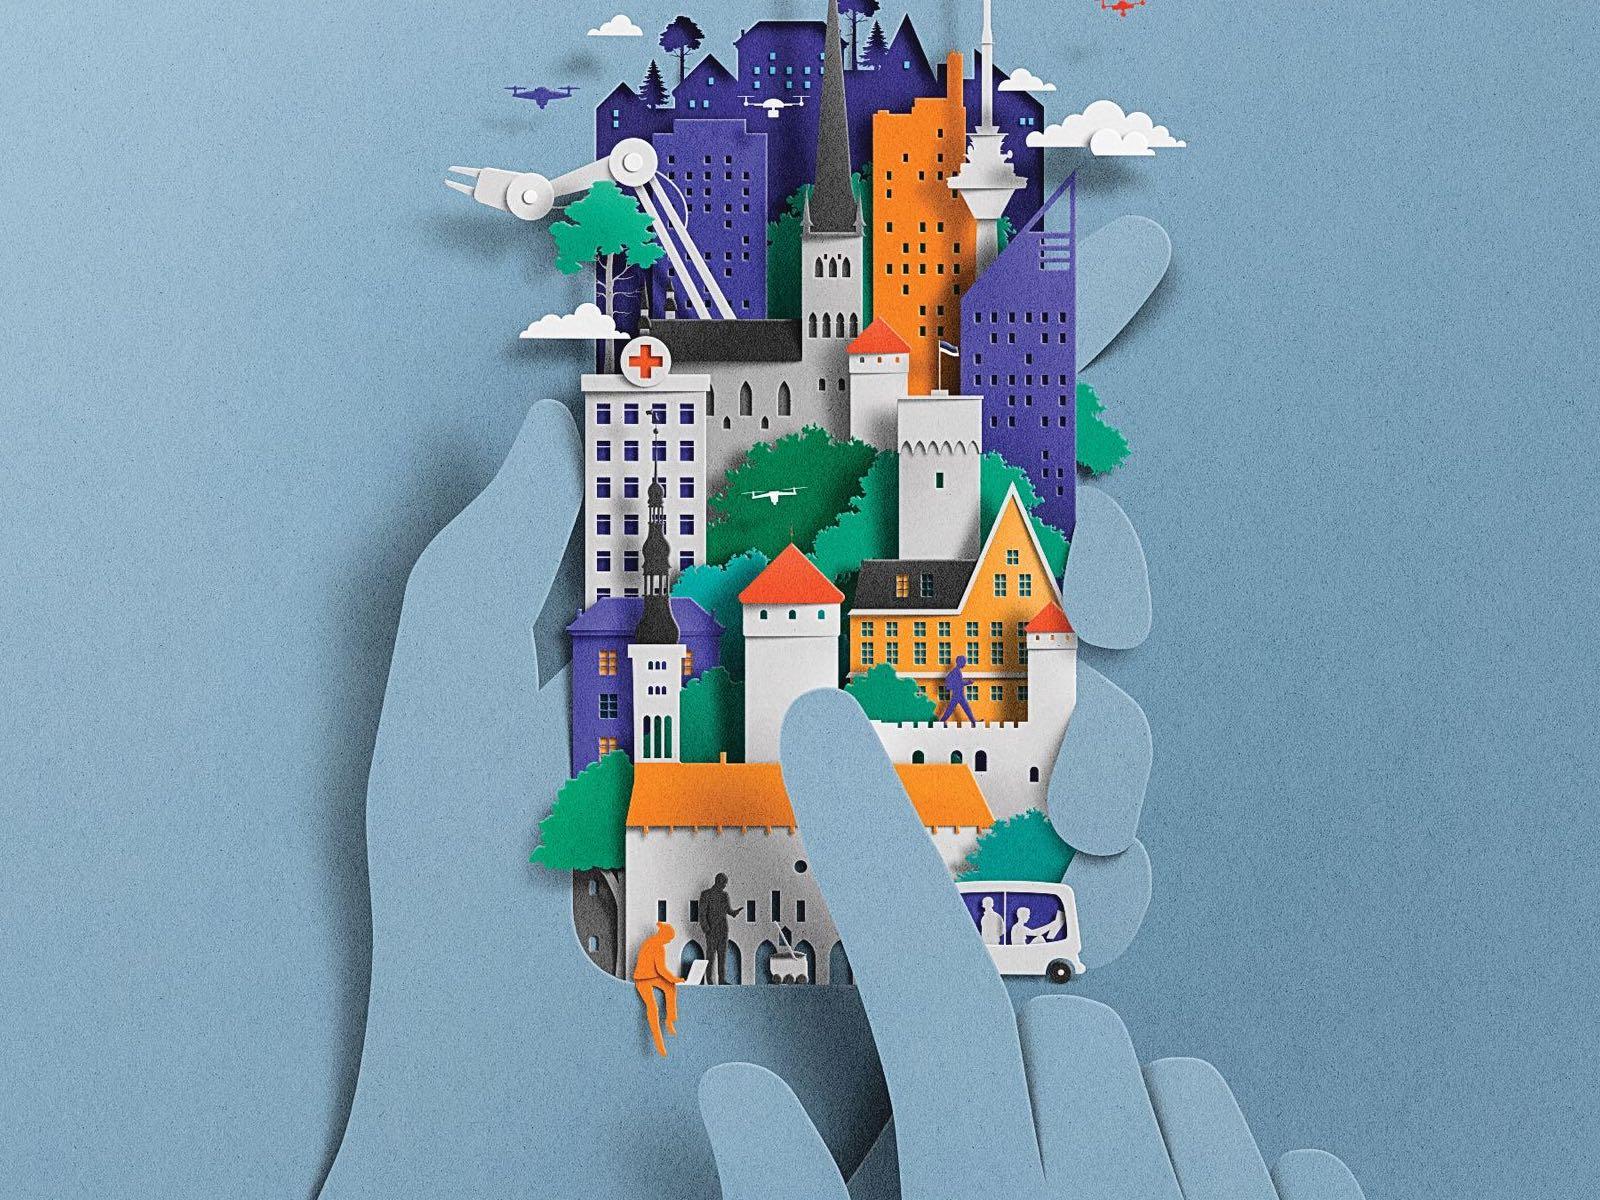 Estonia, the Digital Republic